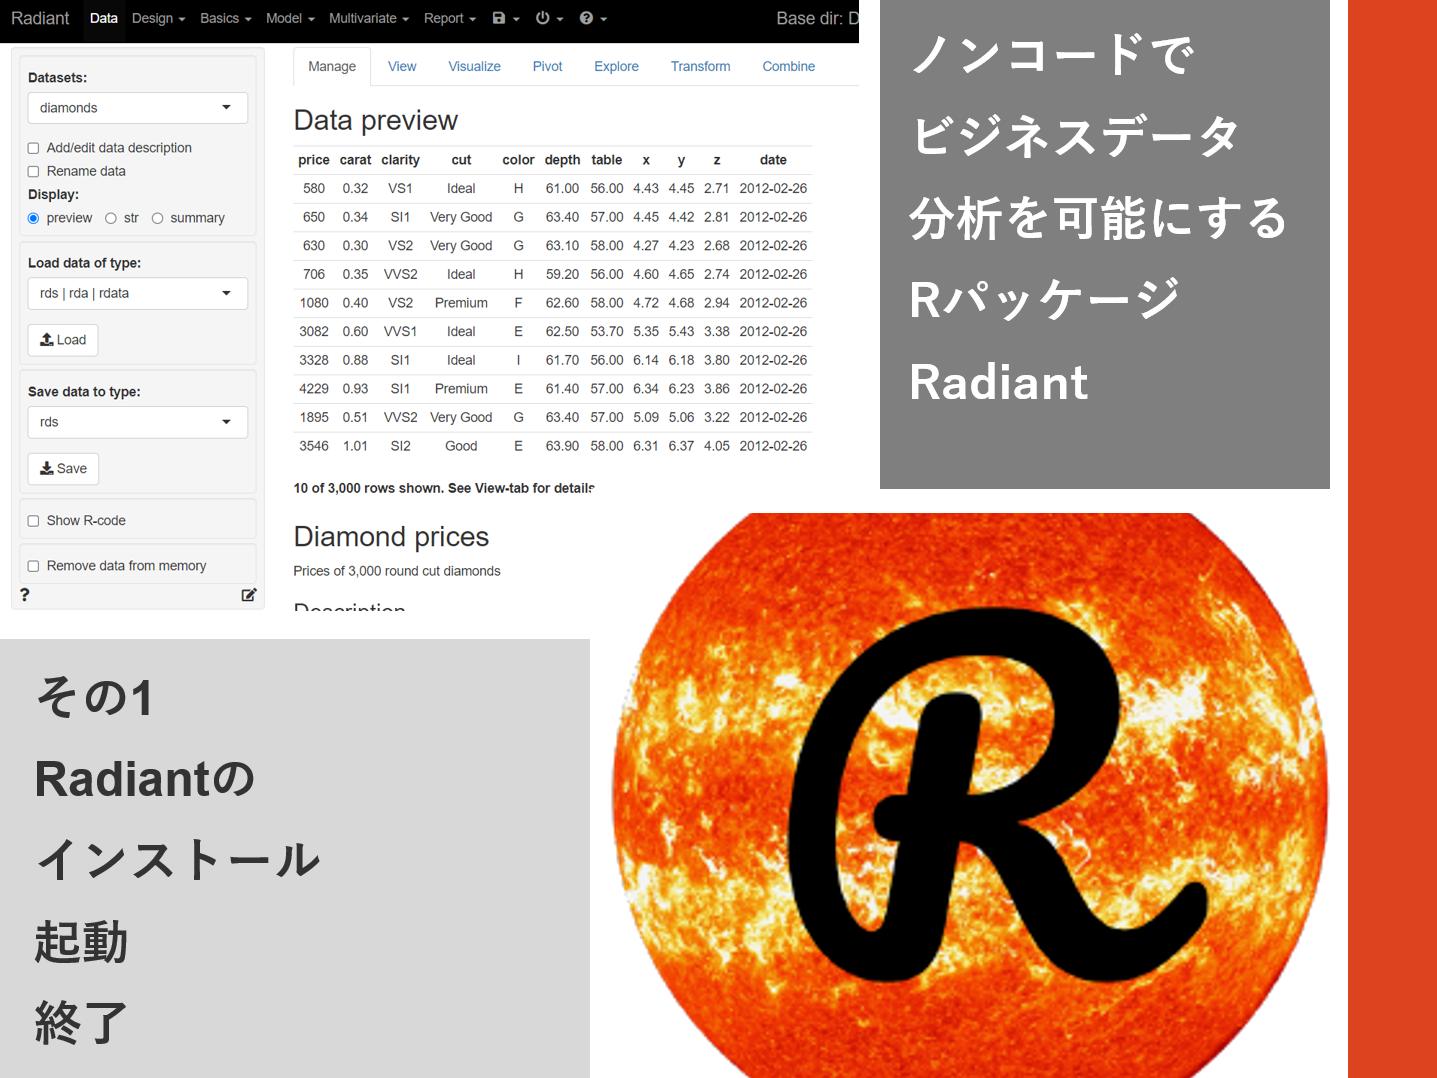 ノンコードでビジネスデータ分析を可能にするRパッケージRadiant<br>その1(Radiantのインストール・起動・終了)